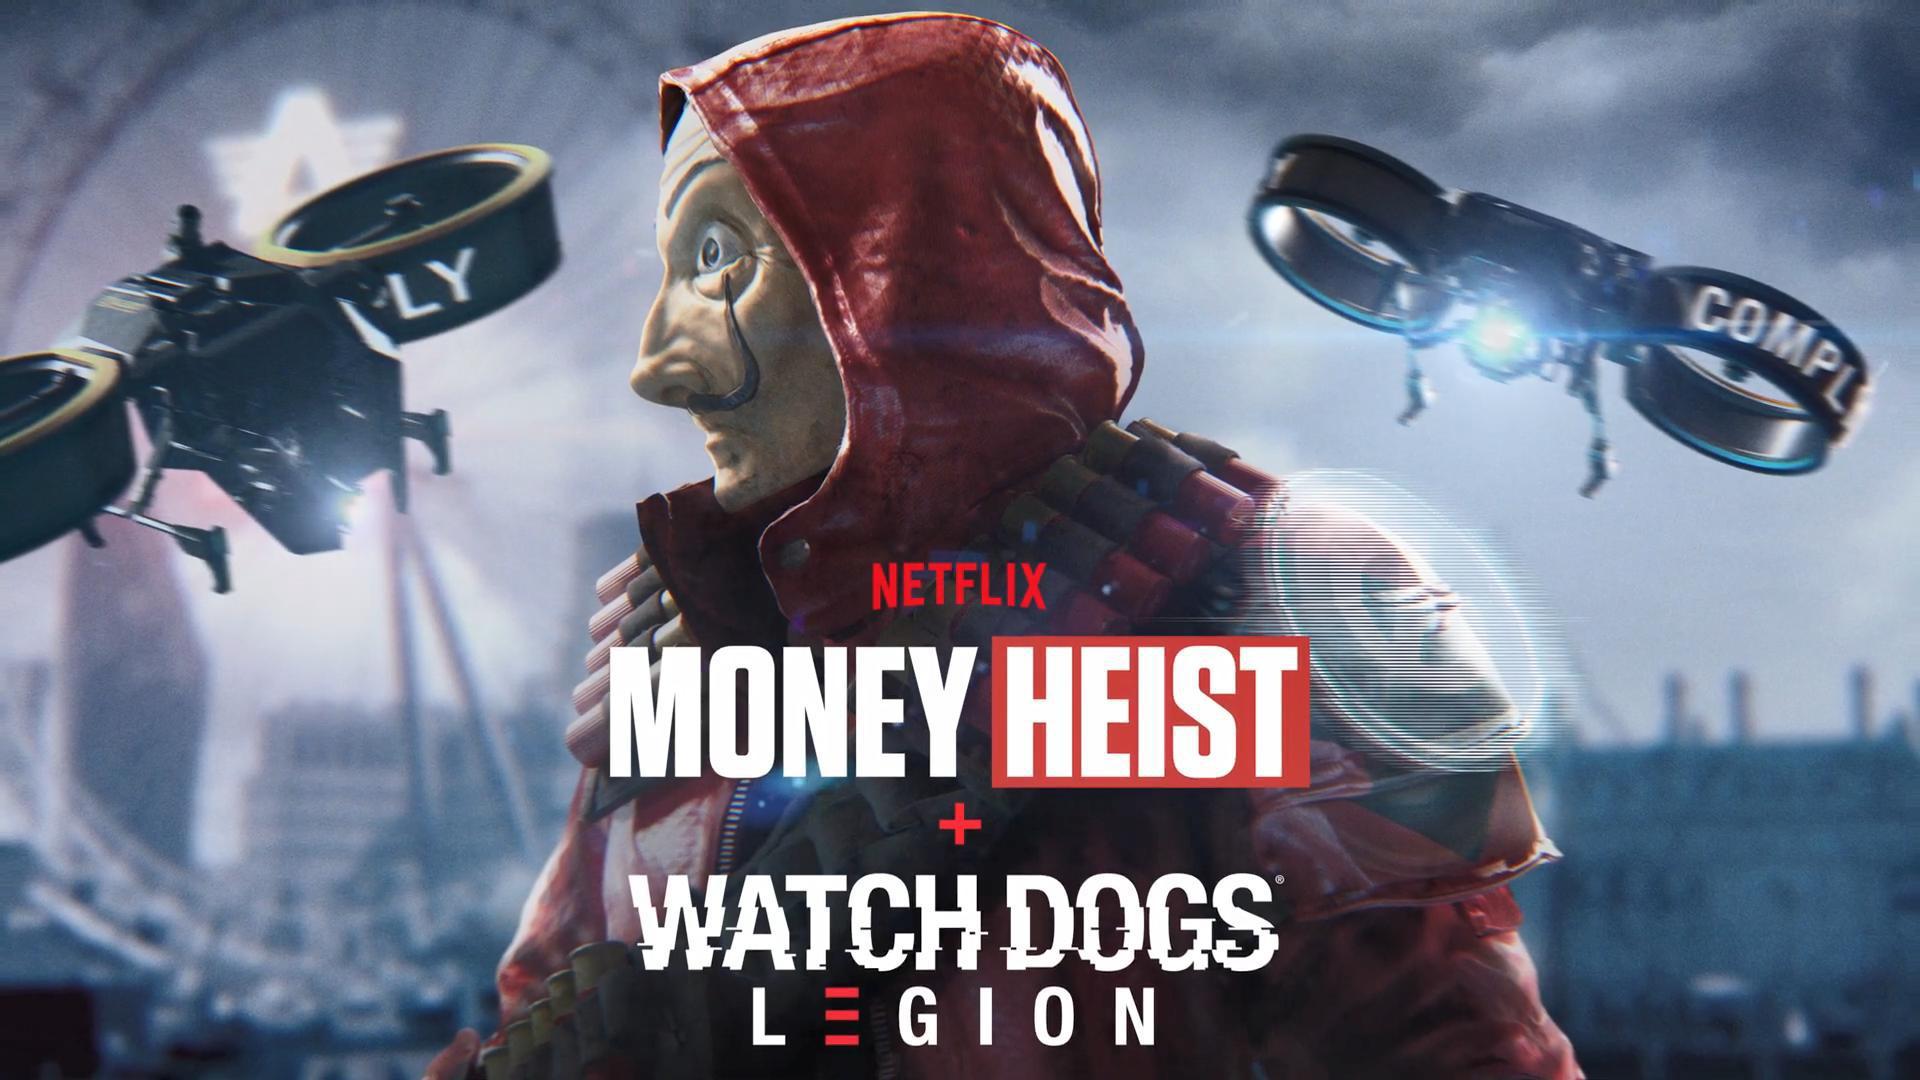 《看門狗:軍團》聯動網飛電視劇《紙鈔屋》 解鎖專屬皮膚獎勵